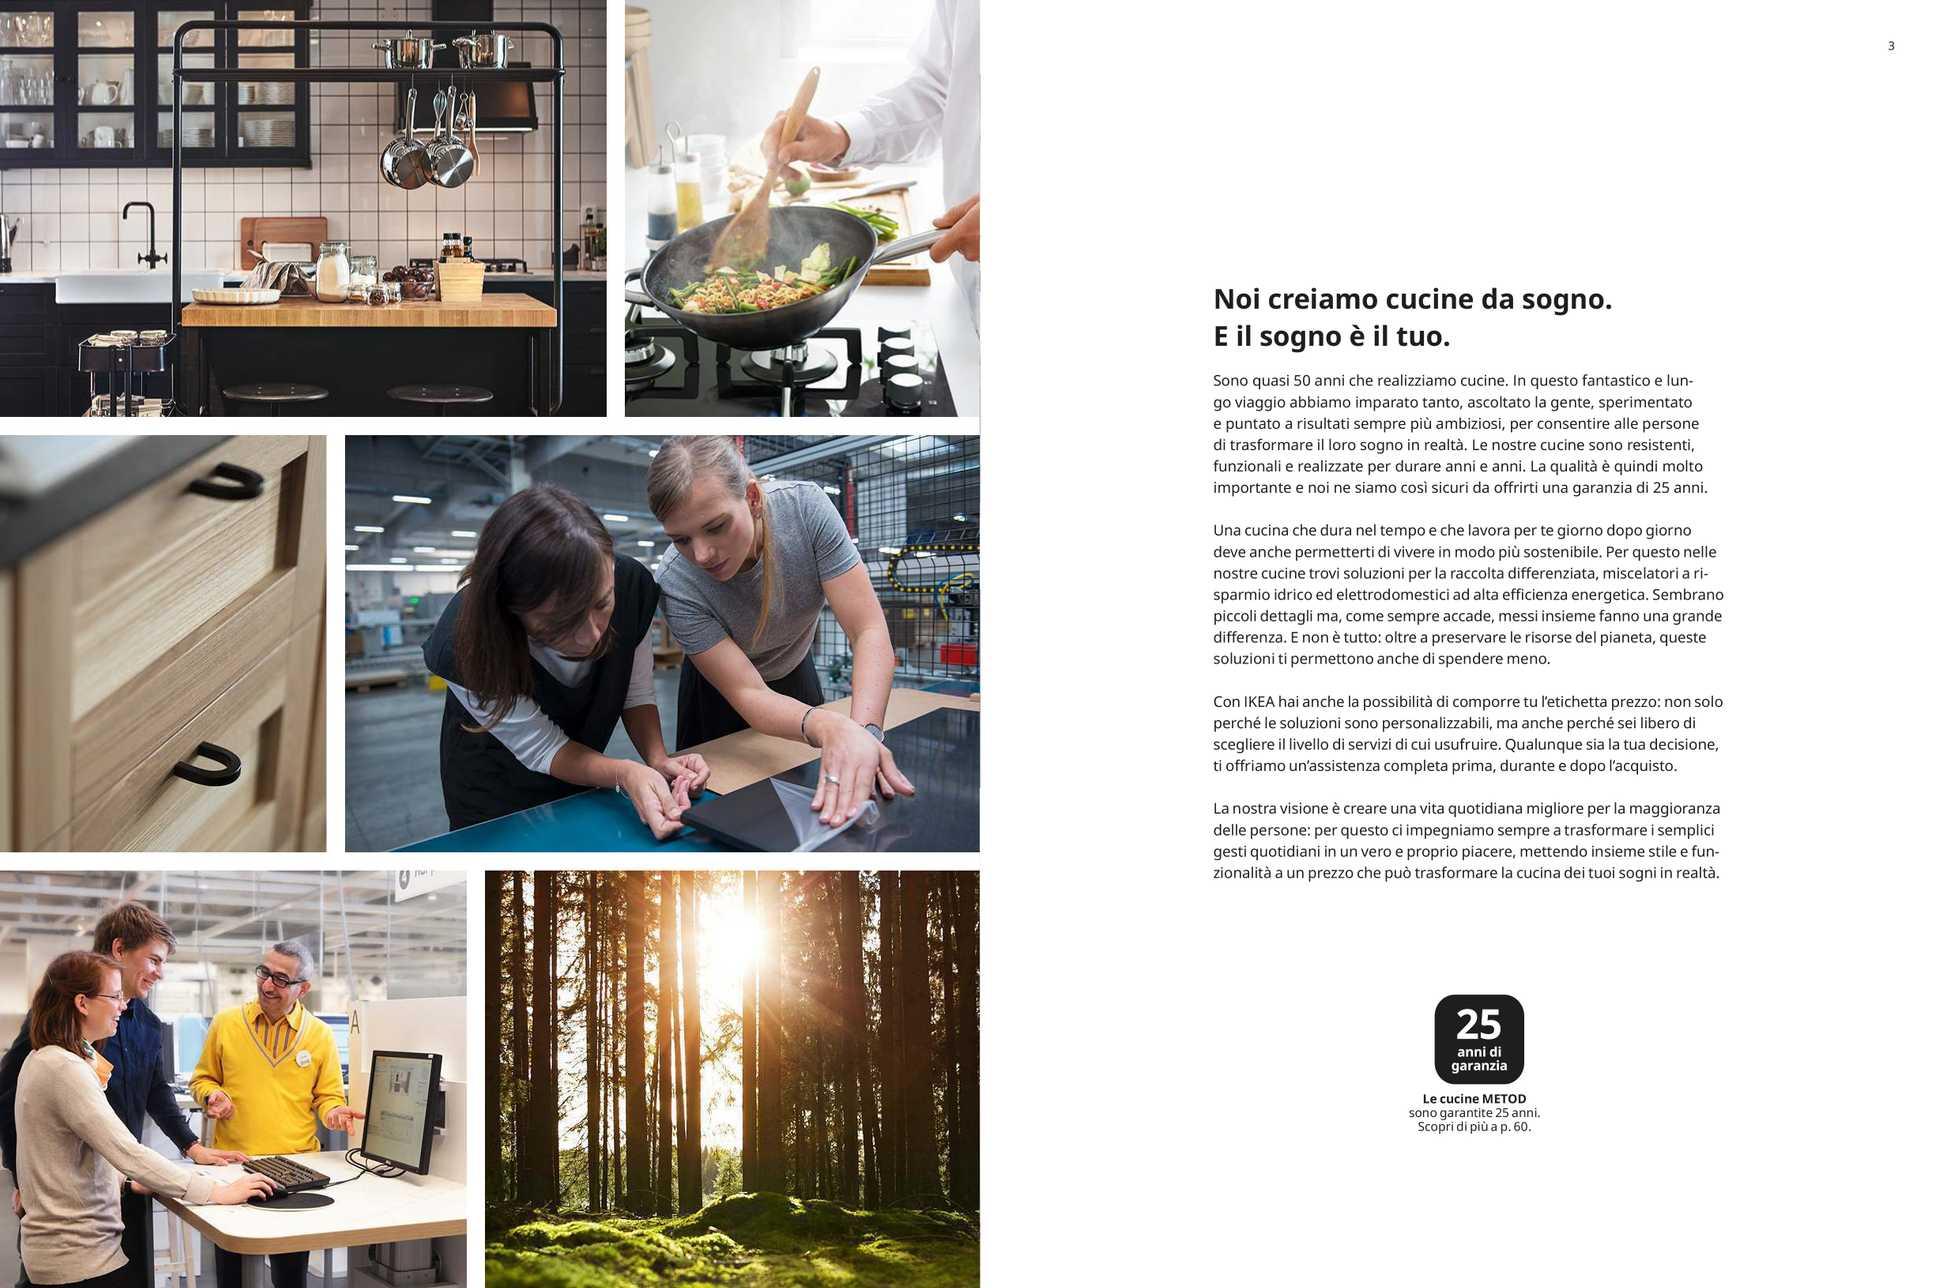 IKEA - offerte valide dal 01.09.2019 al 31.01.2020 - pagina 2.